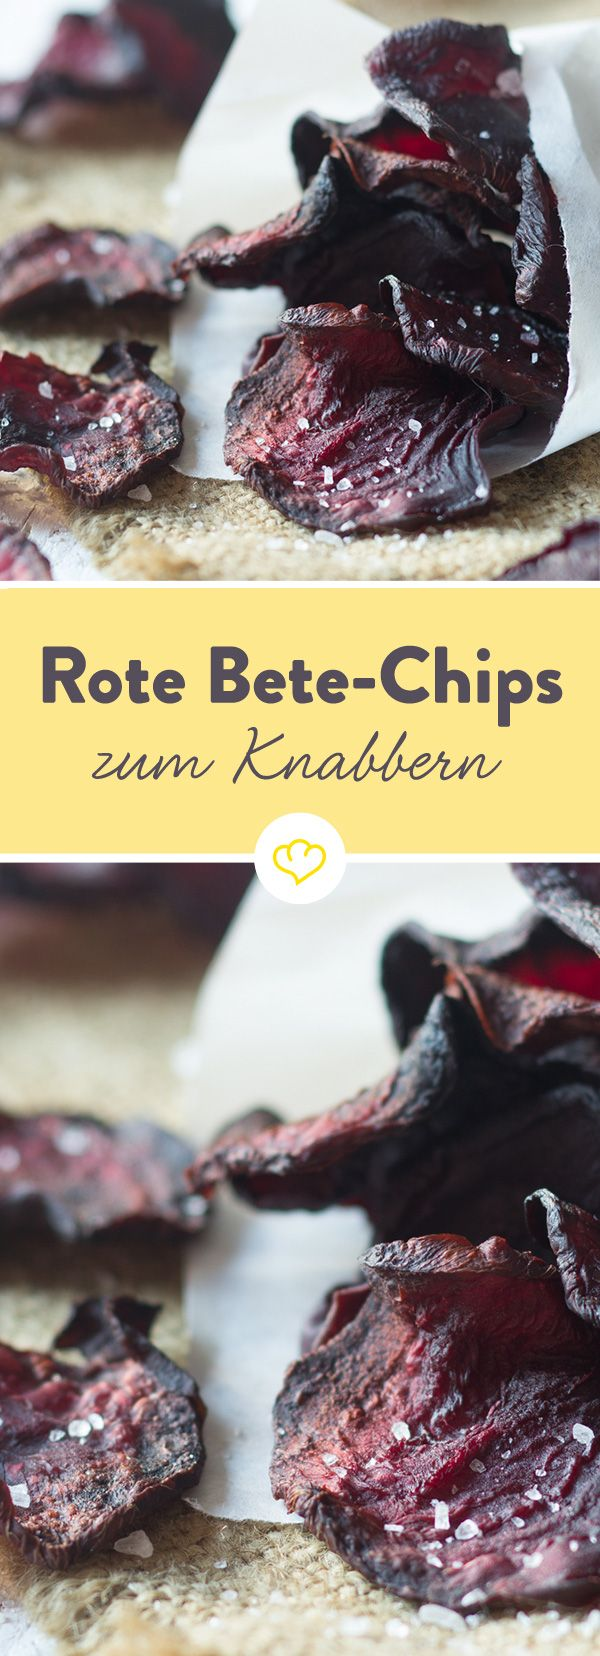 Diese super knusprigen Chips werden aus frischer Roter Bete hergestellt und sind von Natur aus fettarm. Eine gesunde Fernsehknabberei am Abend.